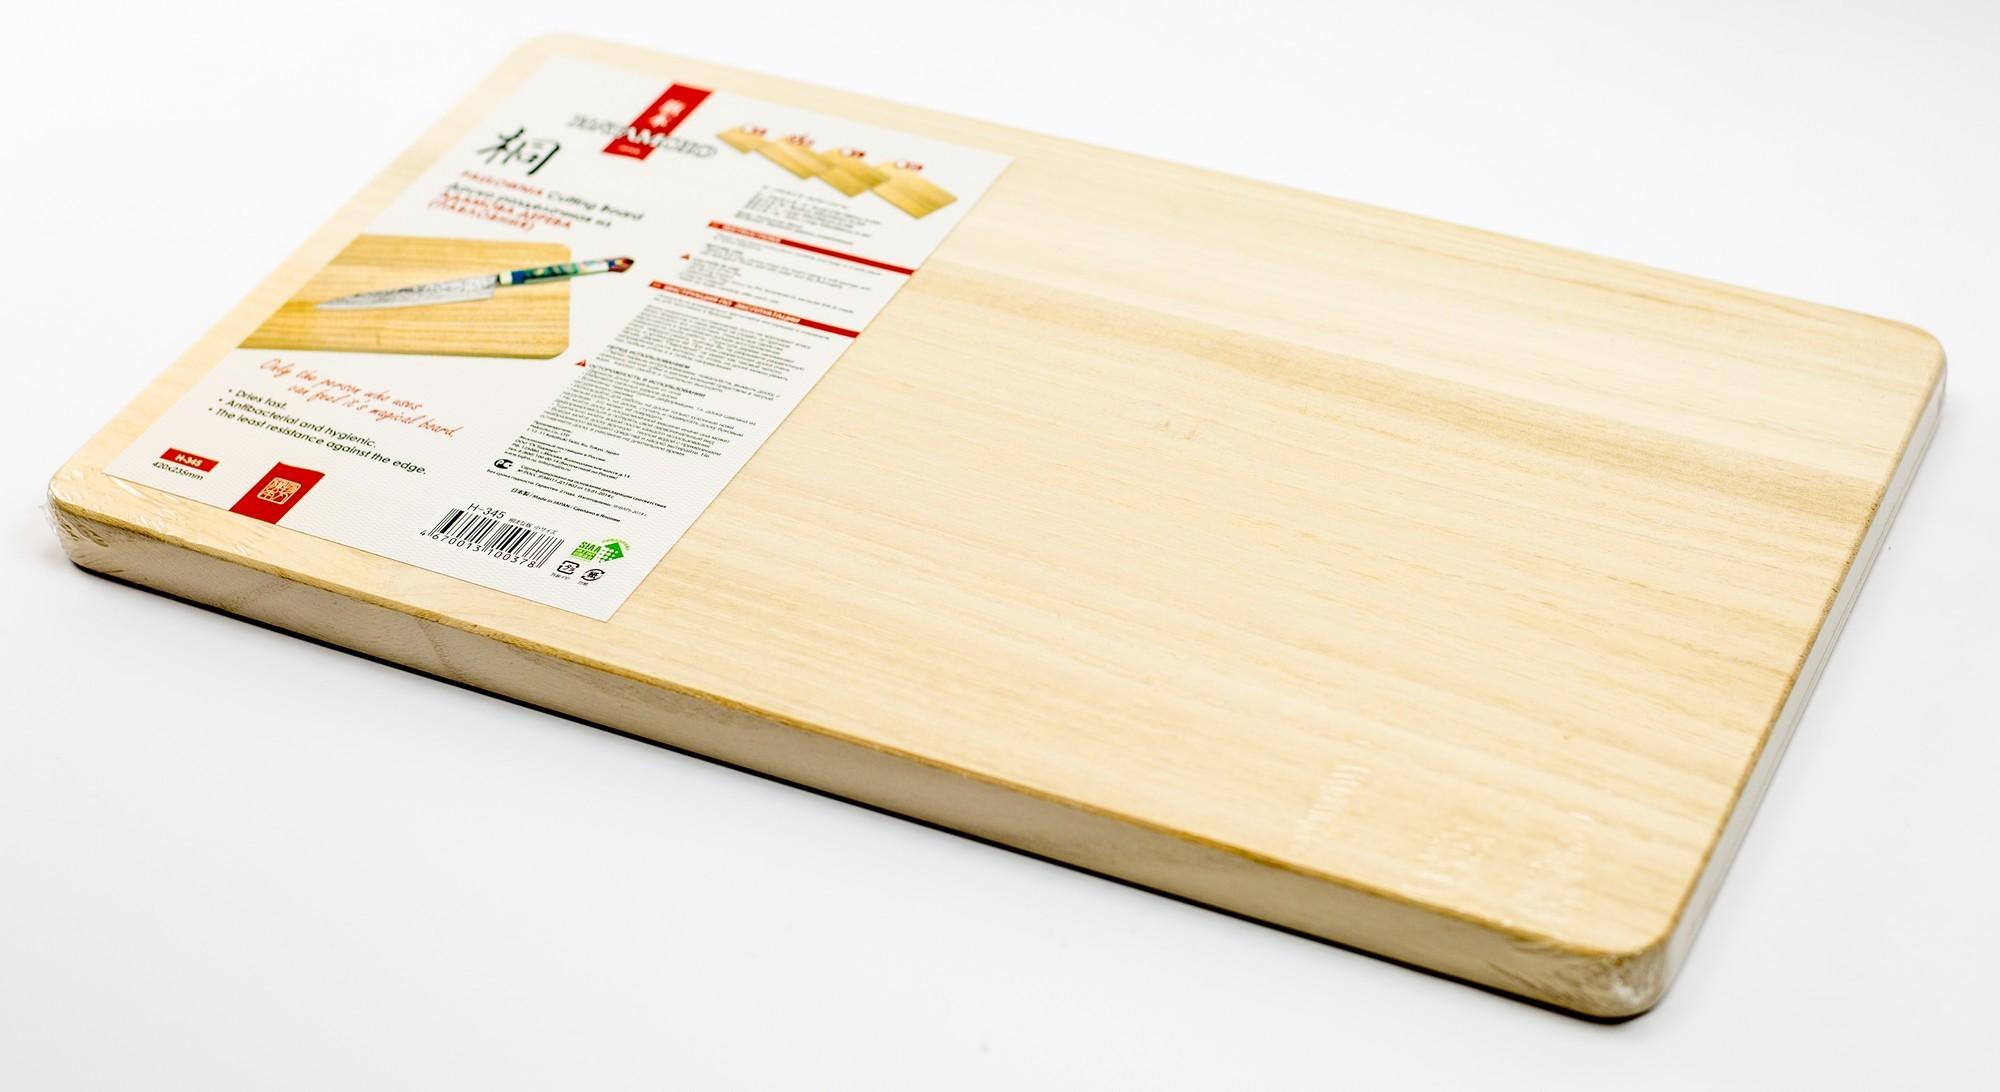 Доска разделочная (S size), 420*235*20ммTojiro<br>Доска разделочная (S size), 420*235*20мм<br>Не впитывает влагу, запах продуктов и сама запаха не отдаёт, по причине практического его отсутствия. Уникальные свойства заключаются в практически полном восстановлении поверхности после работы. Структура дерева напоминает очень твёрдую резину, поэтому Вы не разрезаете разделочную доску, а проминаете её. Ножи гораздо дольше держат заточку. При этом разделочная доска очень лёгкая.<br>Рекомендована производителями Японских ножей.<br>